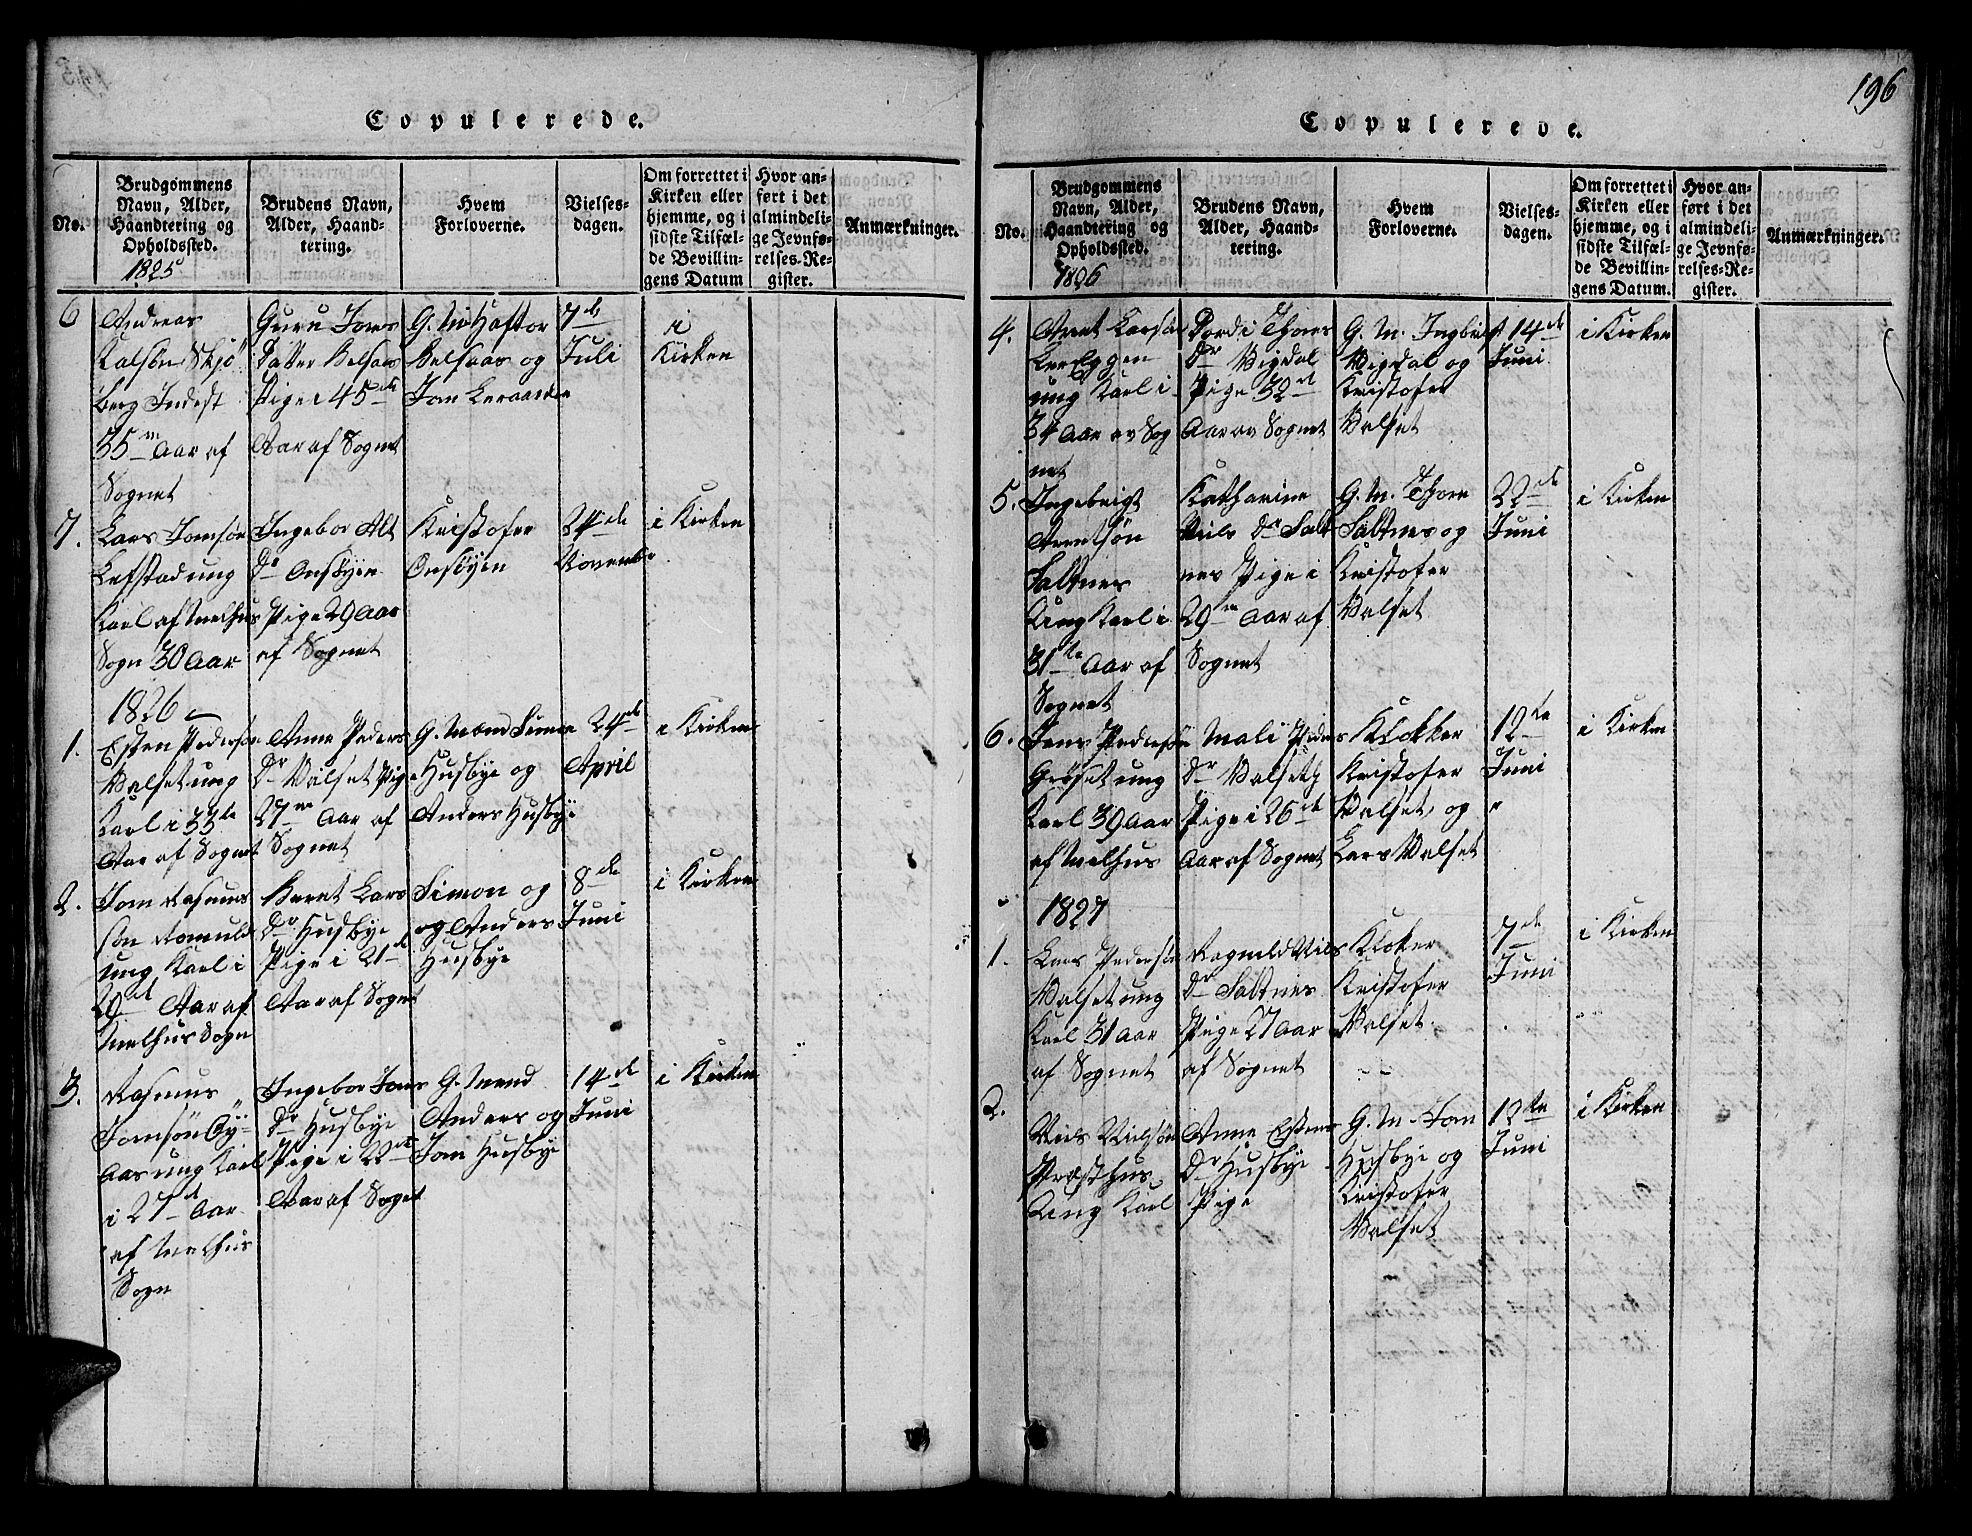 SAT, Ministerialprotokoller, klokkerbøker og fødselsregistre - Sør-Trøndelag, 666/L0788: Klokkerbok nr. 666C01, 1816-1847, s. 196